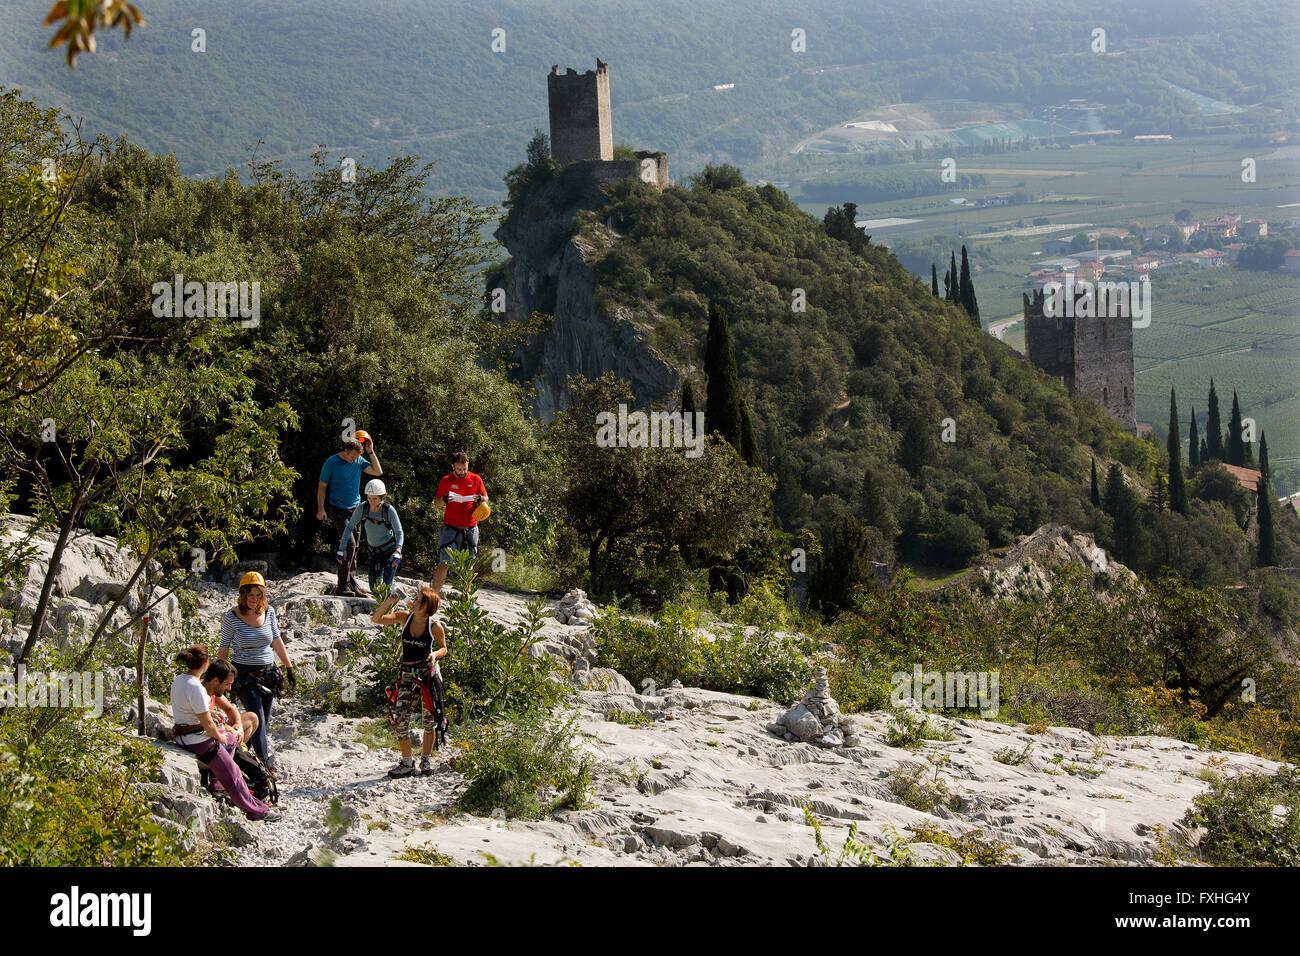 Klettersteig Arco : Klettersteig colodri klettern arco gardasee